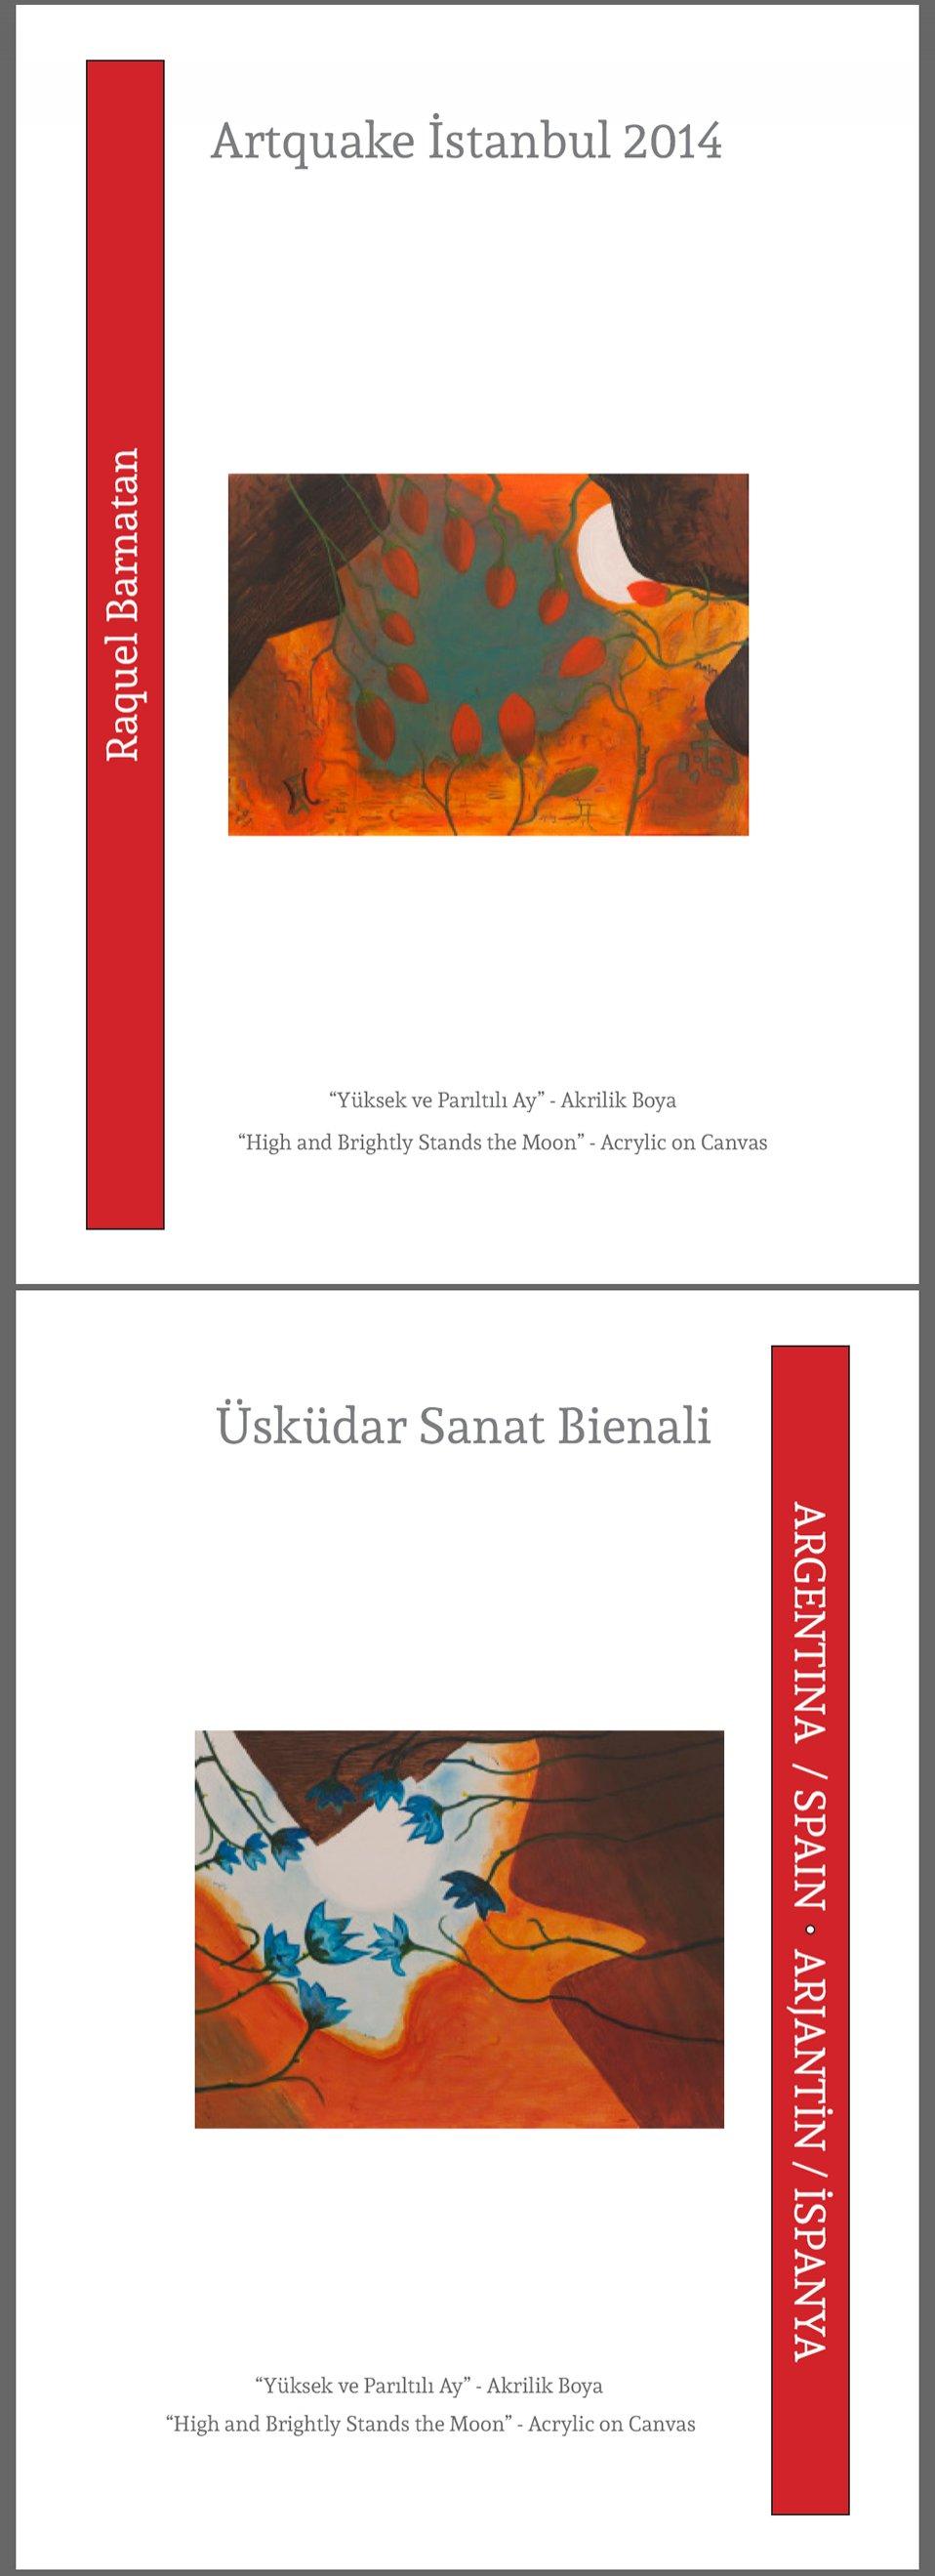 Catálogo de la Bienal Artquake Estambul